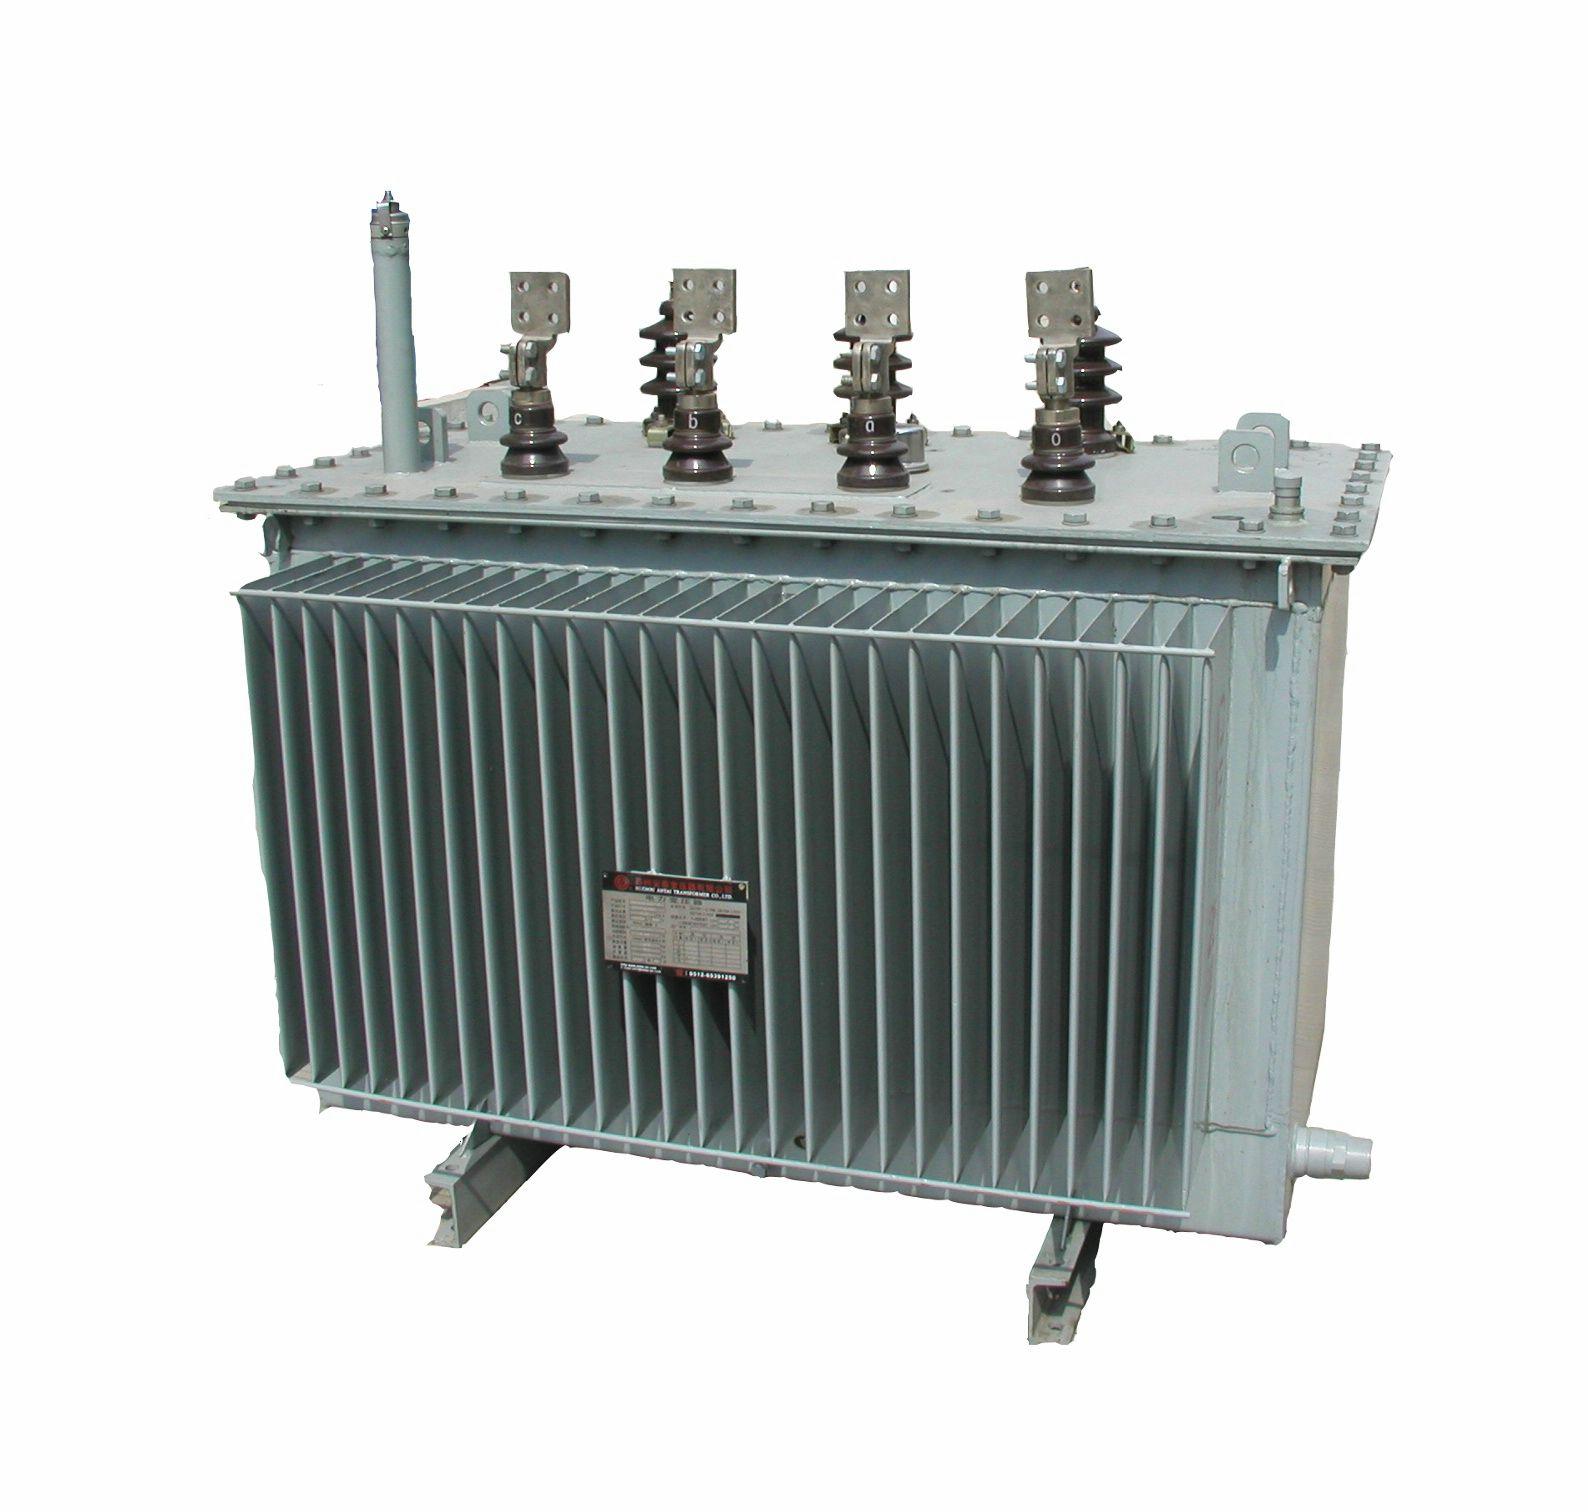 横沥镇箱式变压器回收高价收购拆除各种变压器